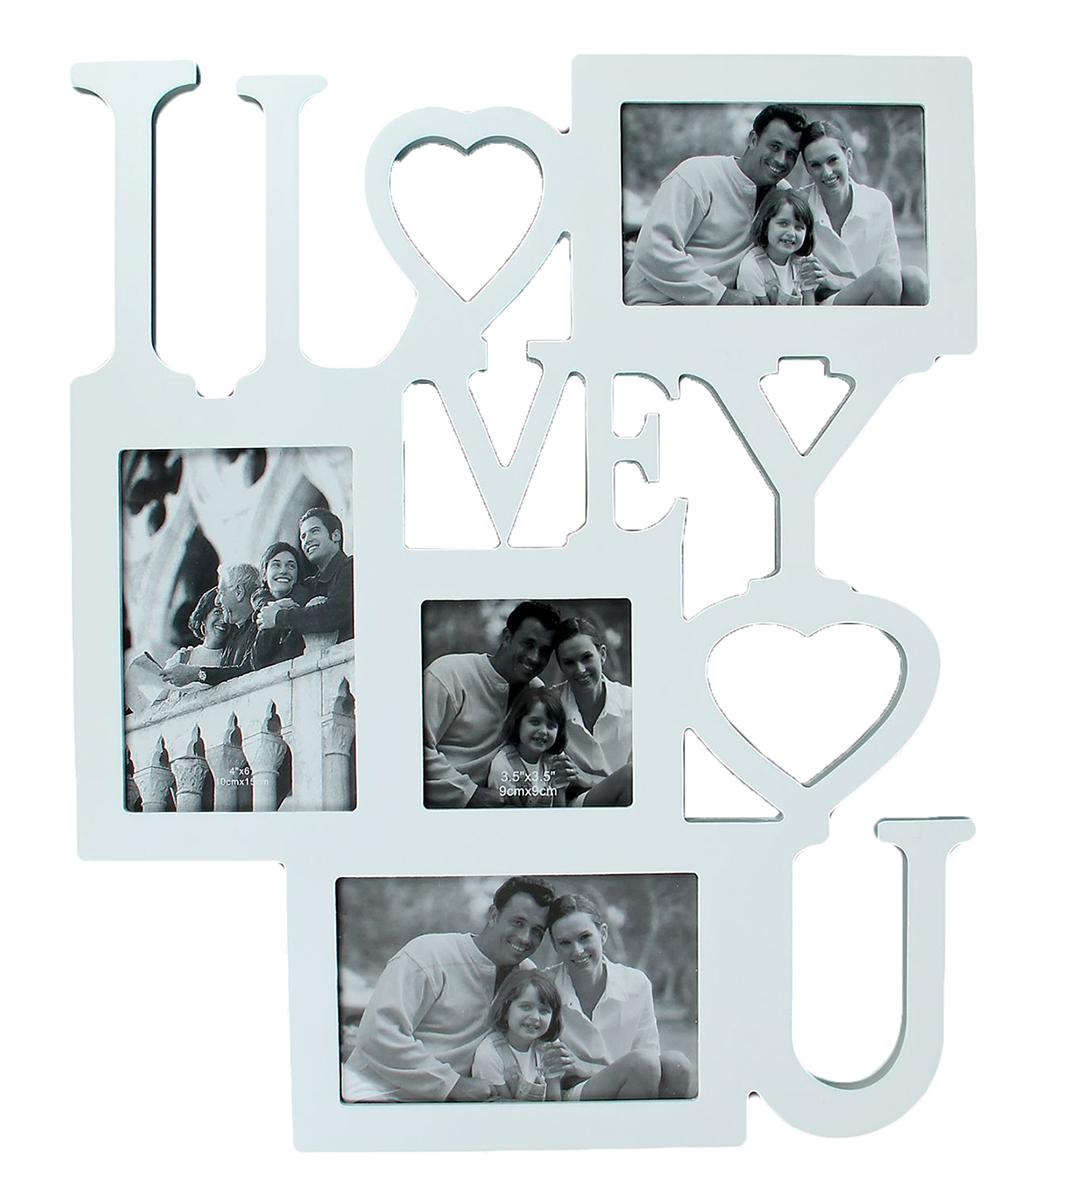 Фоторамка I Love You, на 4 фото, цвет: белый. 133497133497Фоторамка — необходимая вещь в каждом доме. Кроме того, это всегда нужный подарок, который уместен к любому празднику. Аксессуар не только бережно сохранит любимый снимок, но и украсит интерьер, сделает его более уютным и индивидуальным. Окружайте себя мелочами, которые день ото дня будут радовать глаз и поднимать настроение. Каждому хозяину периодически приходит мысль обновить свою квартиру, сделать ремонт, перестановку или кардинально поменять внешний вид каждой комнаты. Фоторамка на 4 фото 9х9 см, 9х13 см, 10х15 см I LOVE YOU — привлекательная деталь, которая поможет воплотить вашу интерьерную идею, создать неповторимую атмосферу в вашем доме. Окружите себя приятными мелочами, пусть они радуют глаз и дарят гармонию.